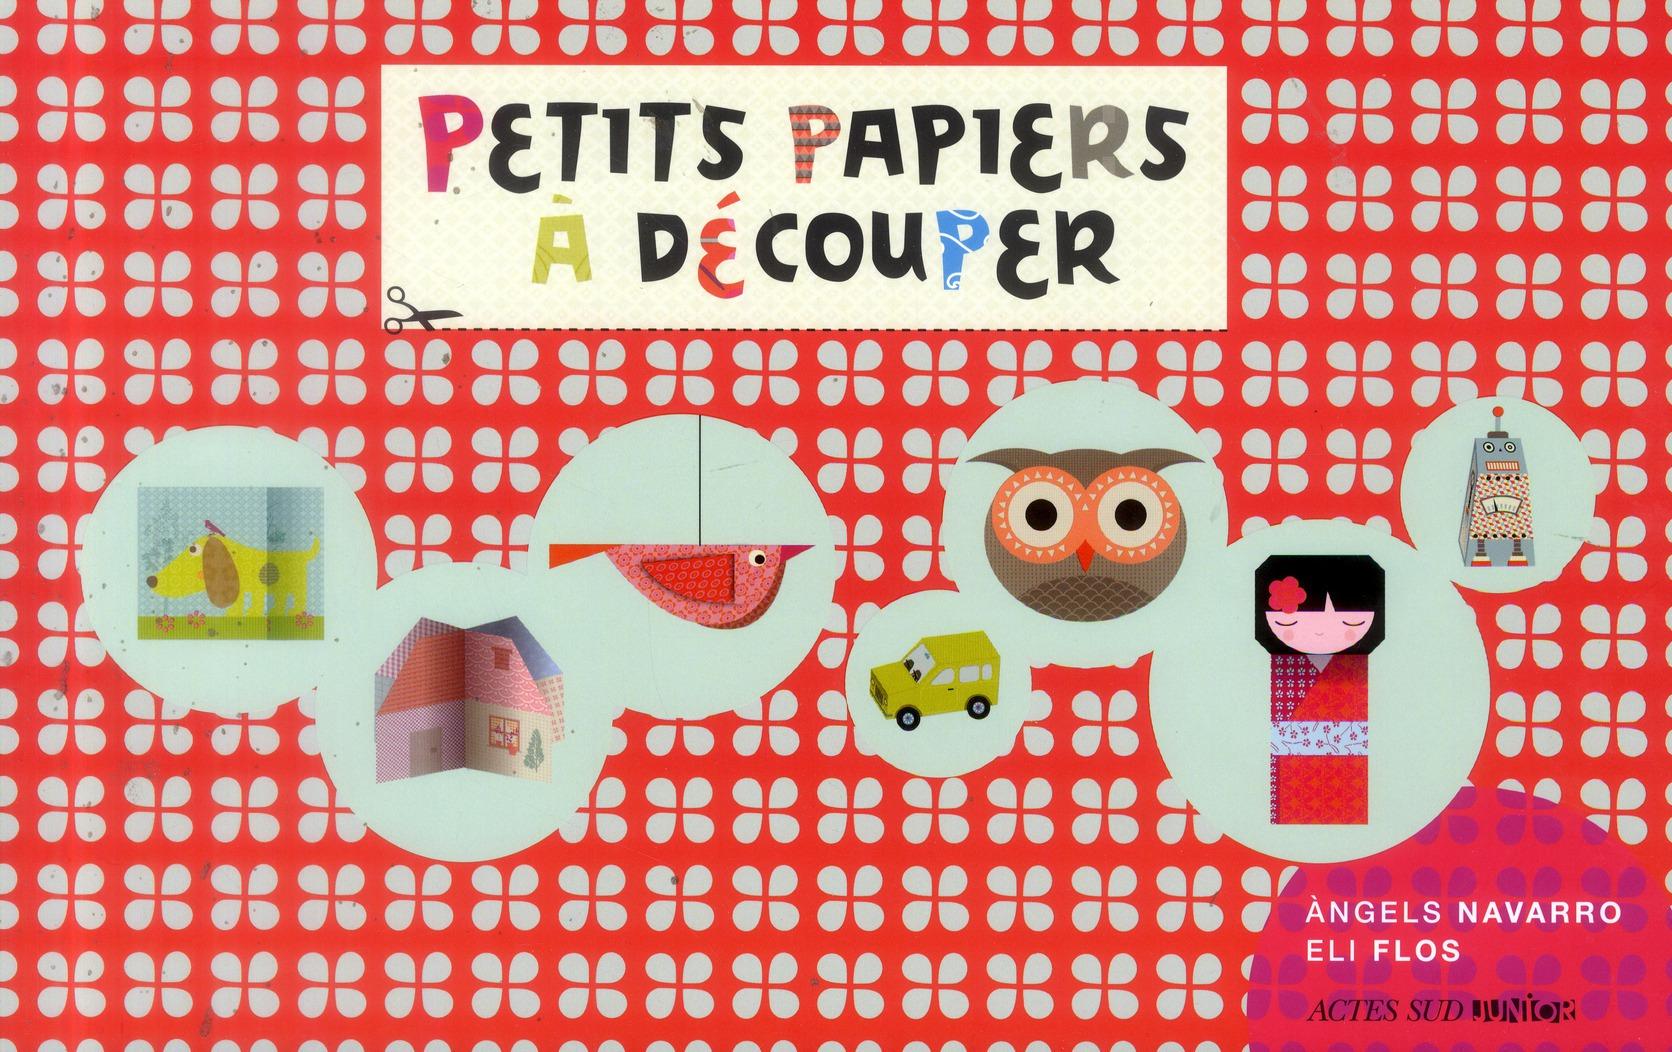 Petits Papiers A Decouper